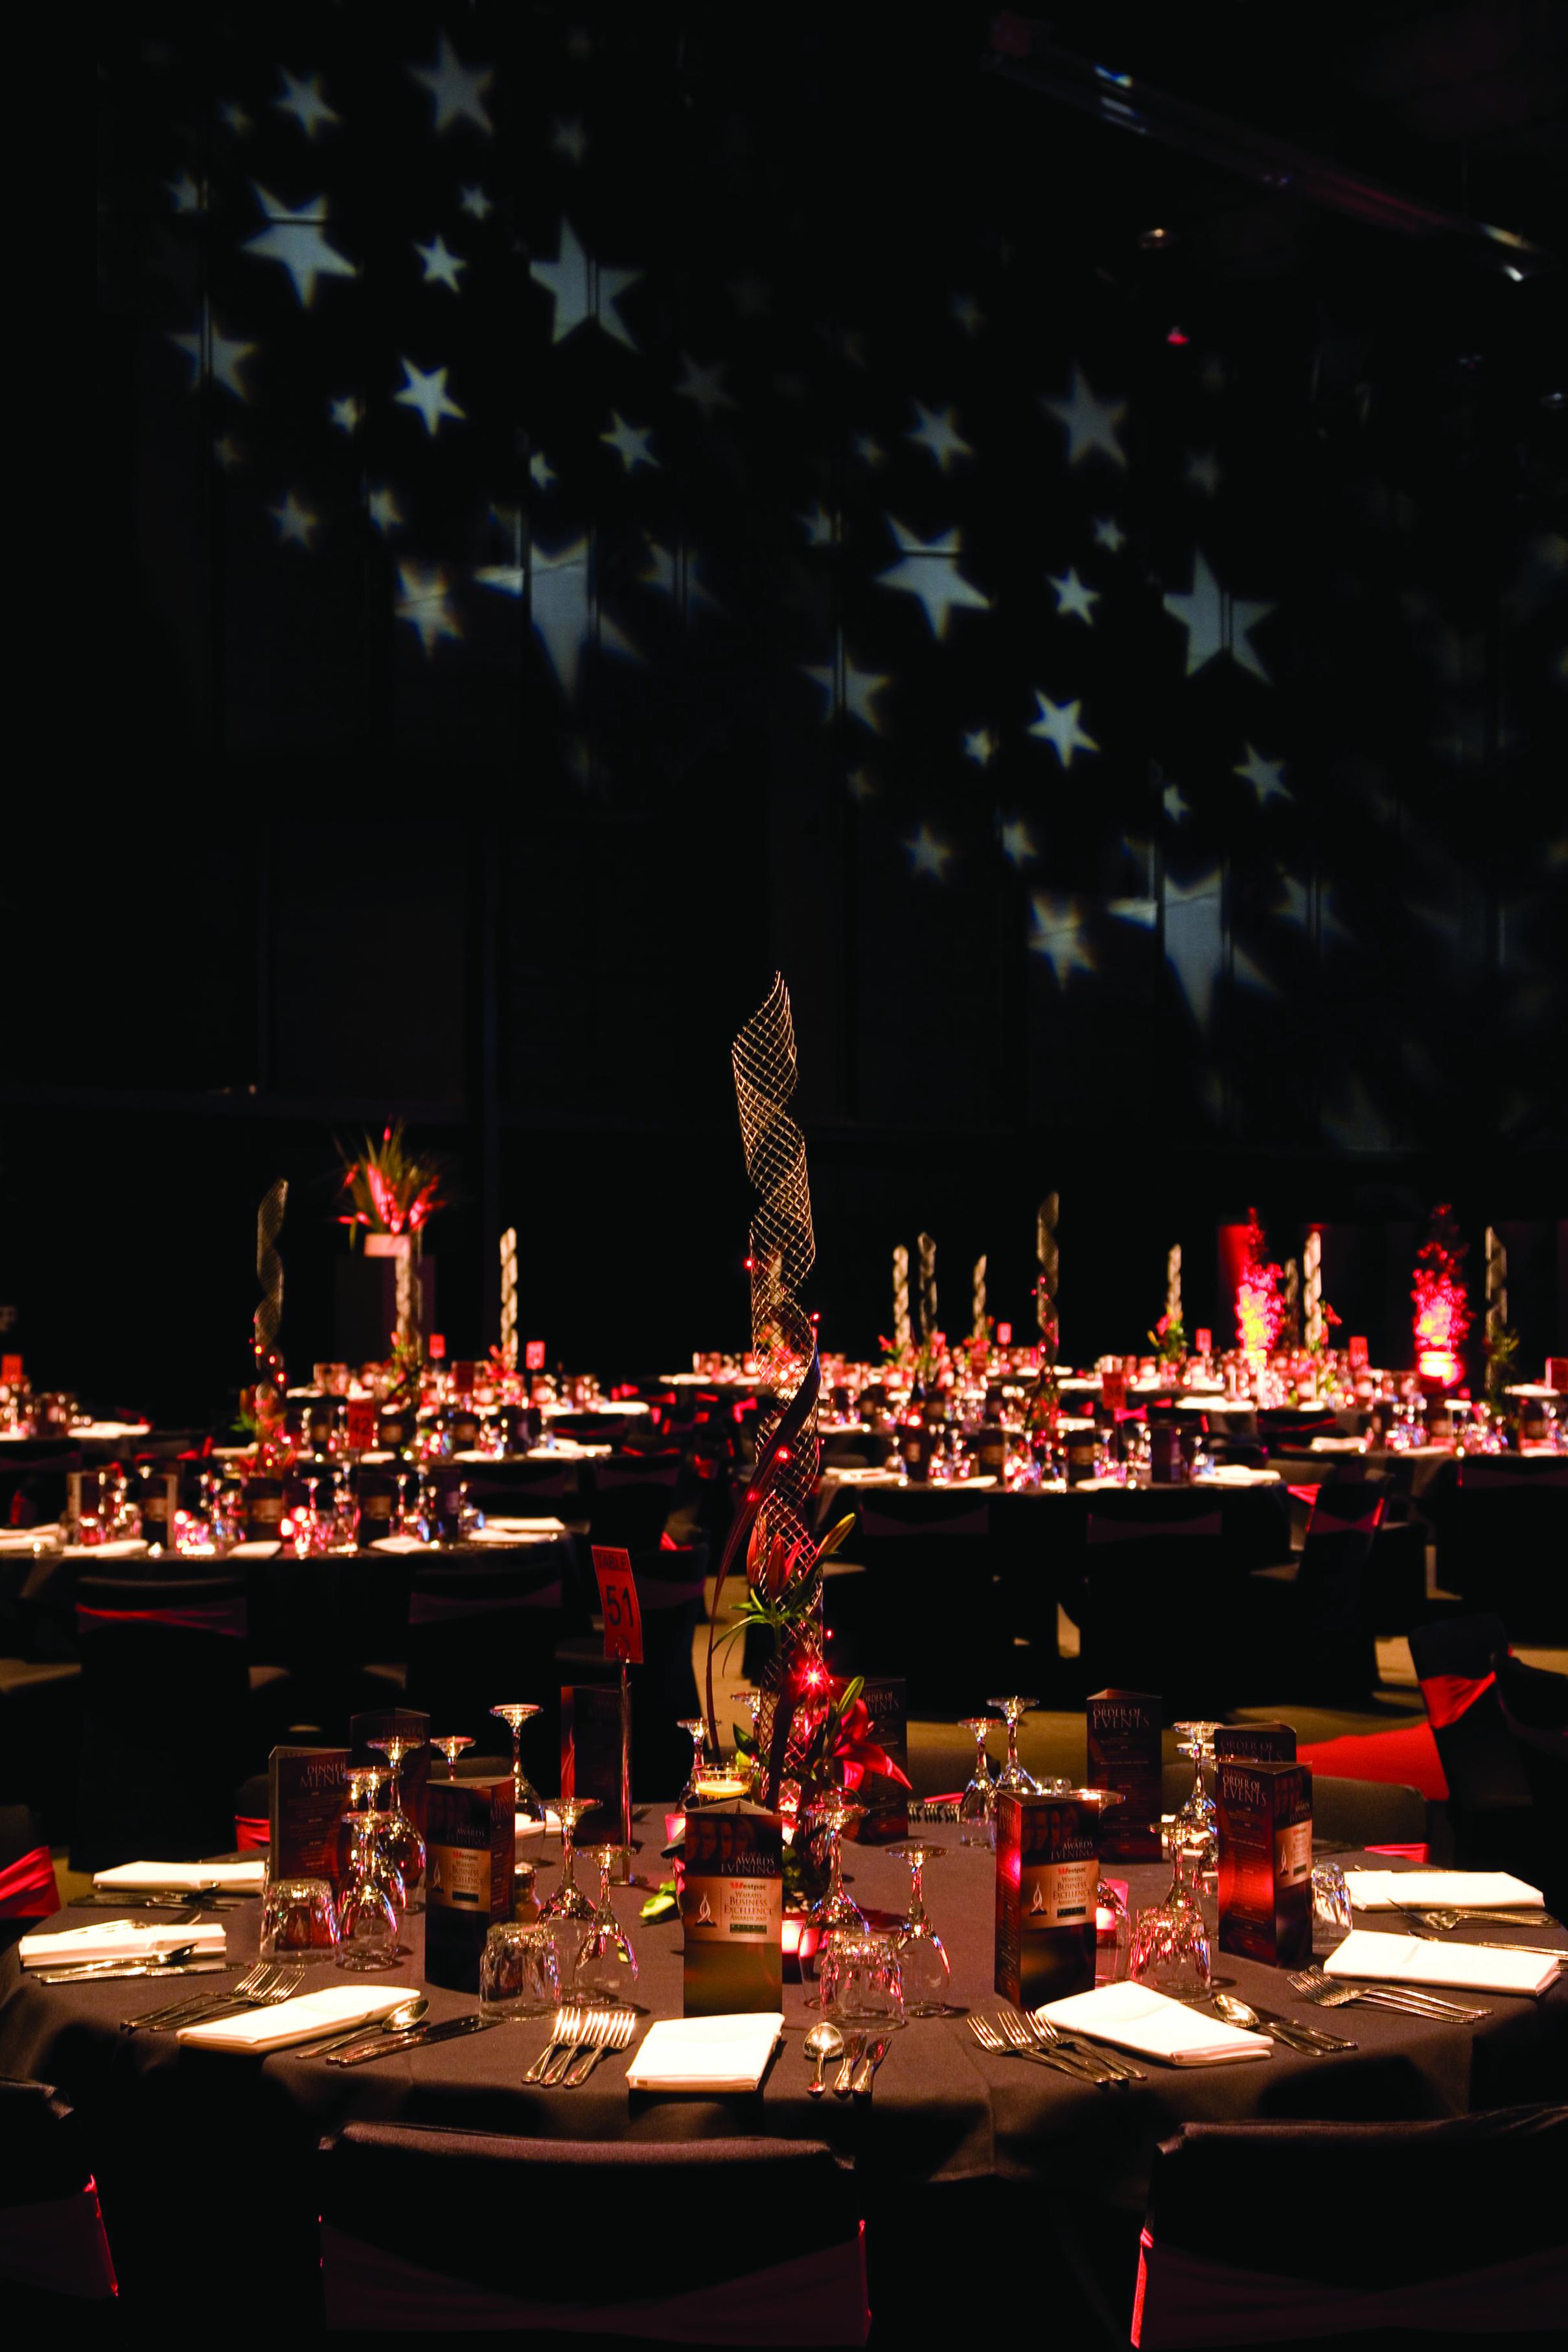 012_Biz_Ex_Awards_2007.jpg